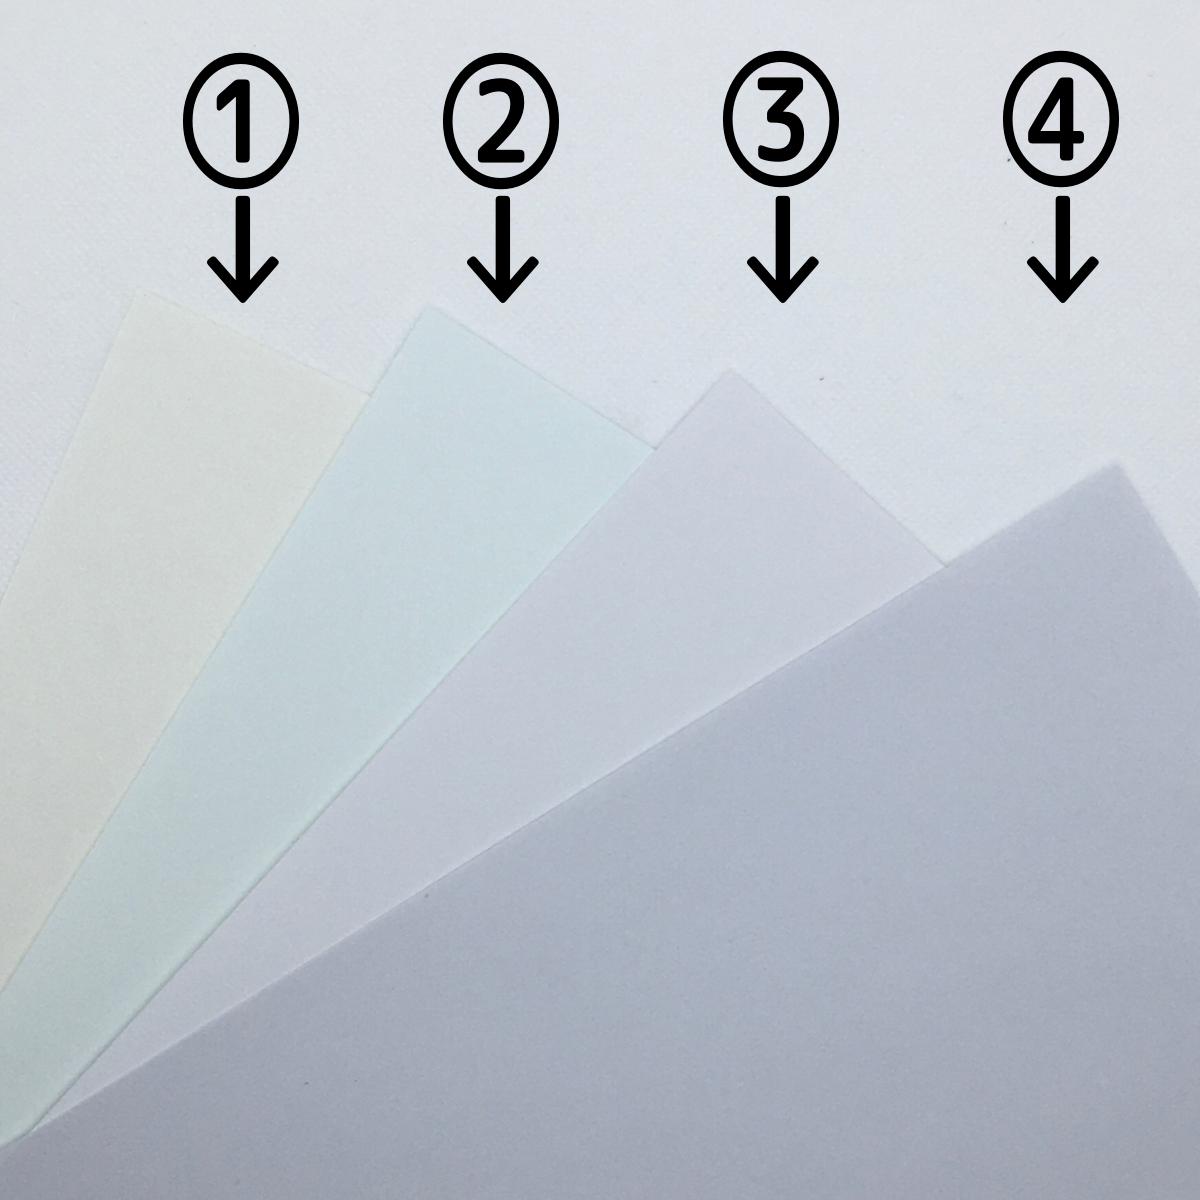 四種類の白色の紙に番号を振った